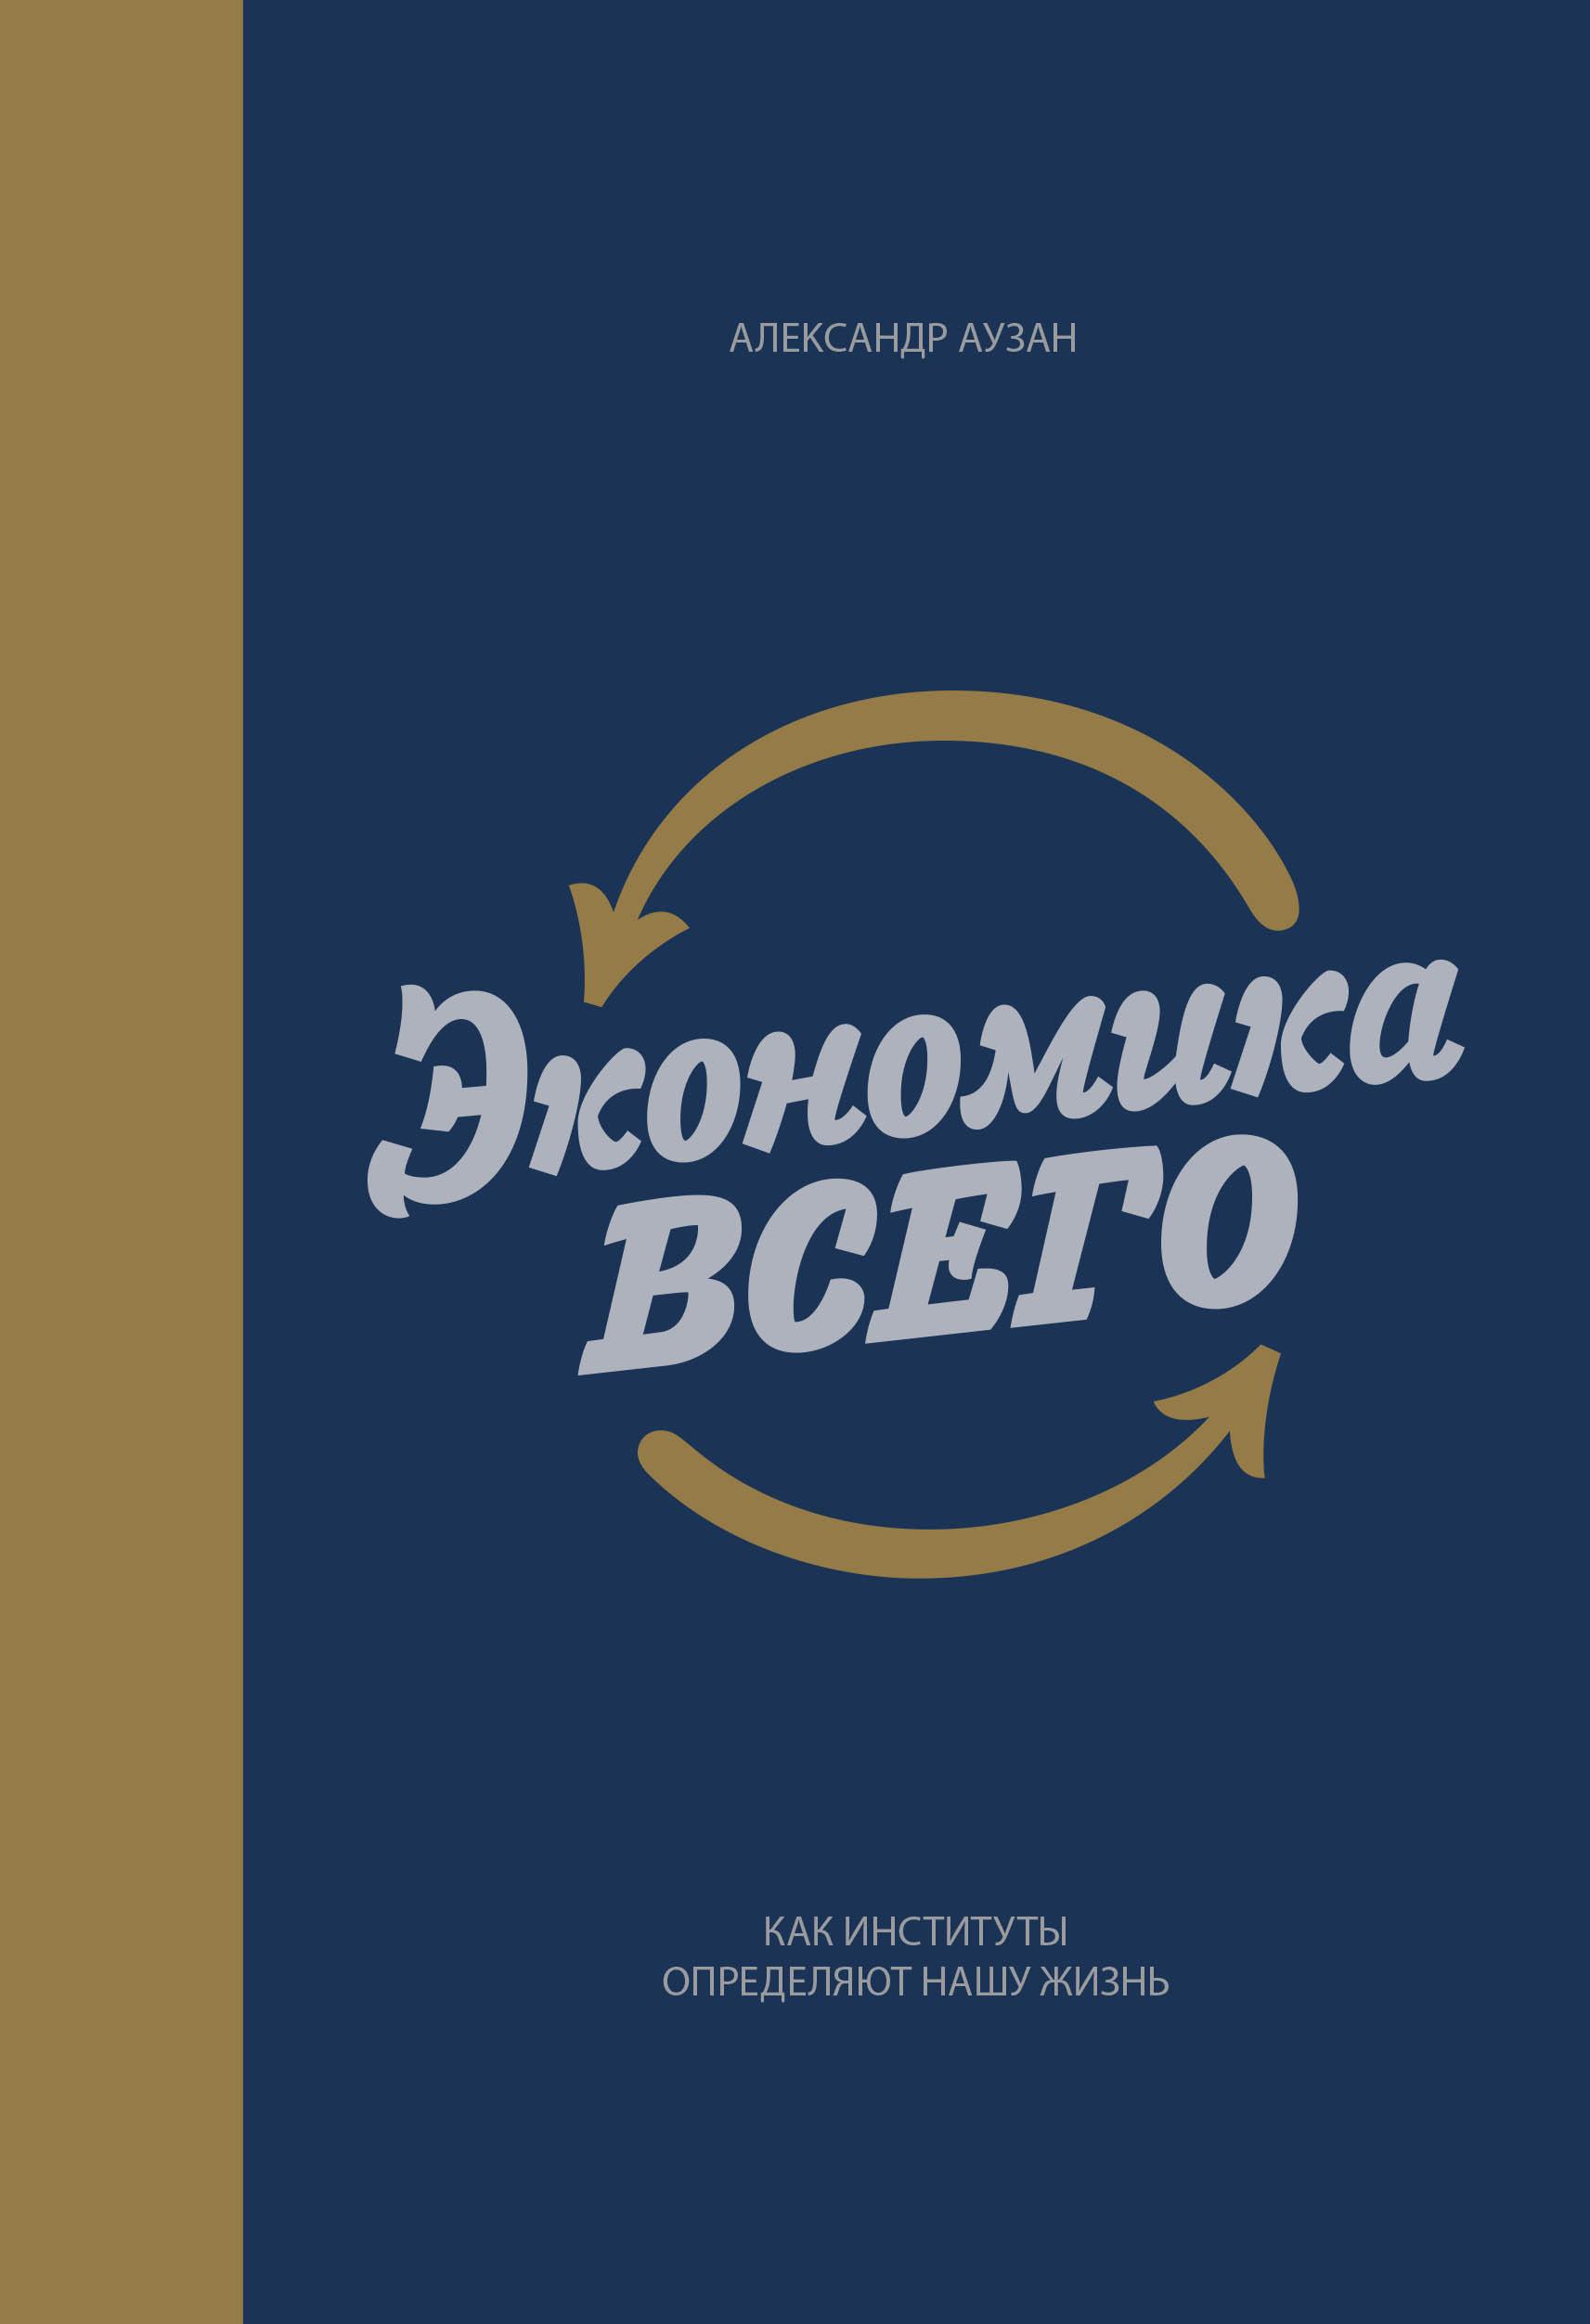 Экономика всего. Как институты определяют нашу жизнь от book24.ru